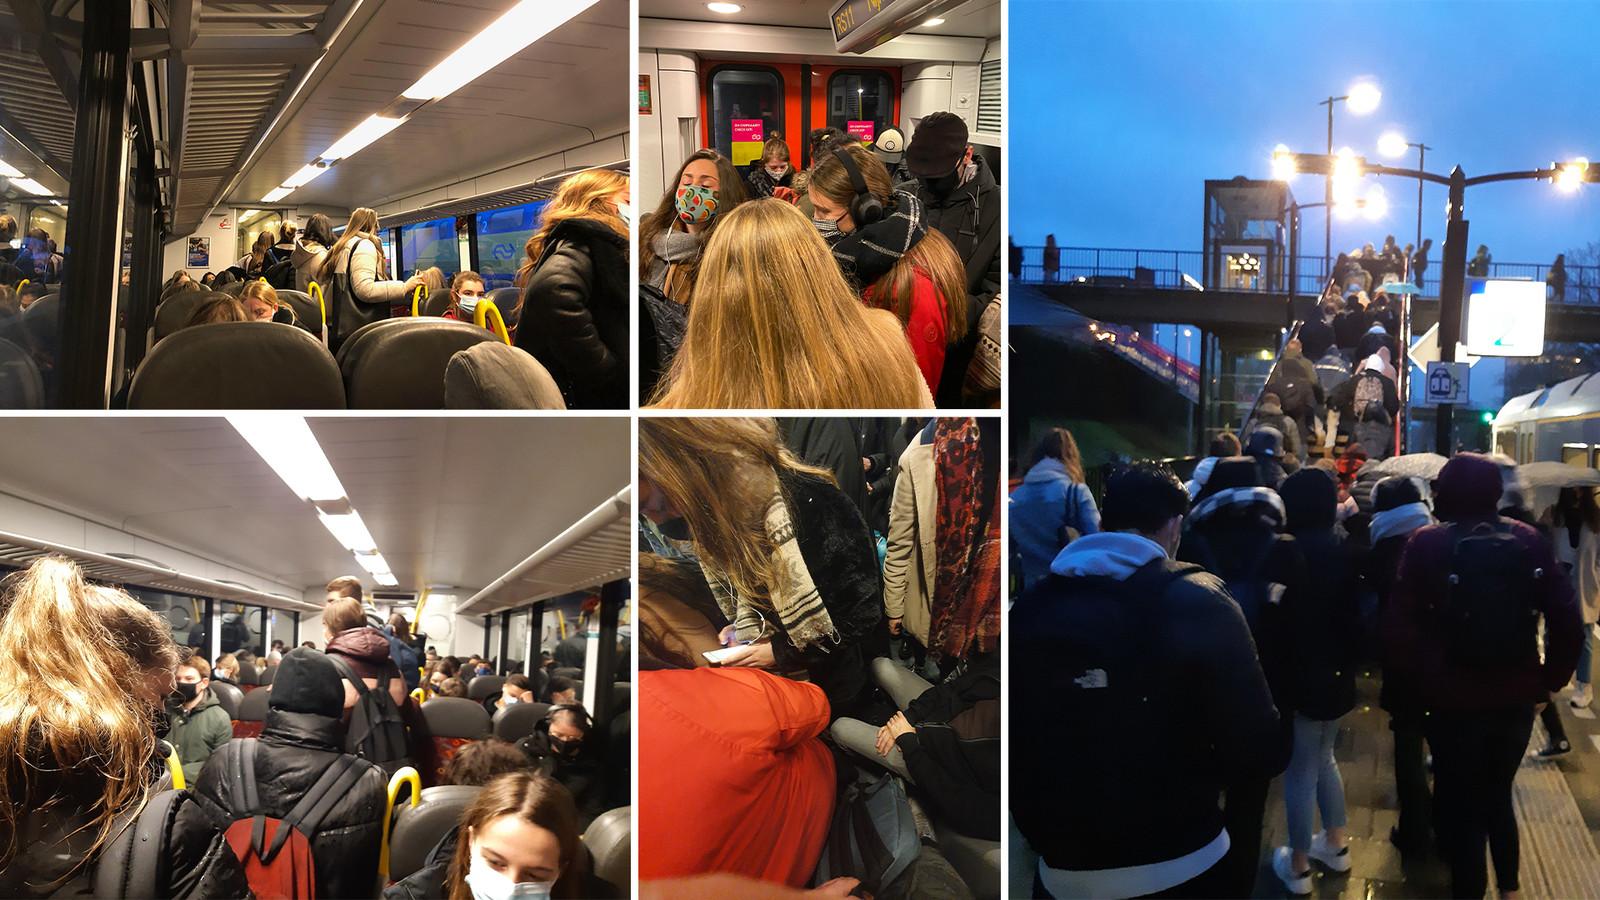 Op deze lezersfoto's zijn overvolle treinen te zien die rijden tussen Boxmeer en Nijmegen. De beelden zijn genomen op verschillende dagen.